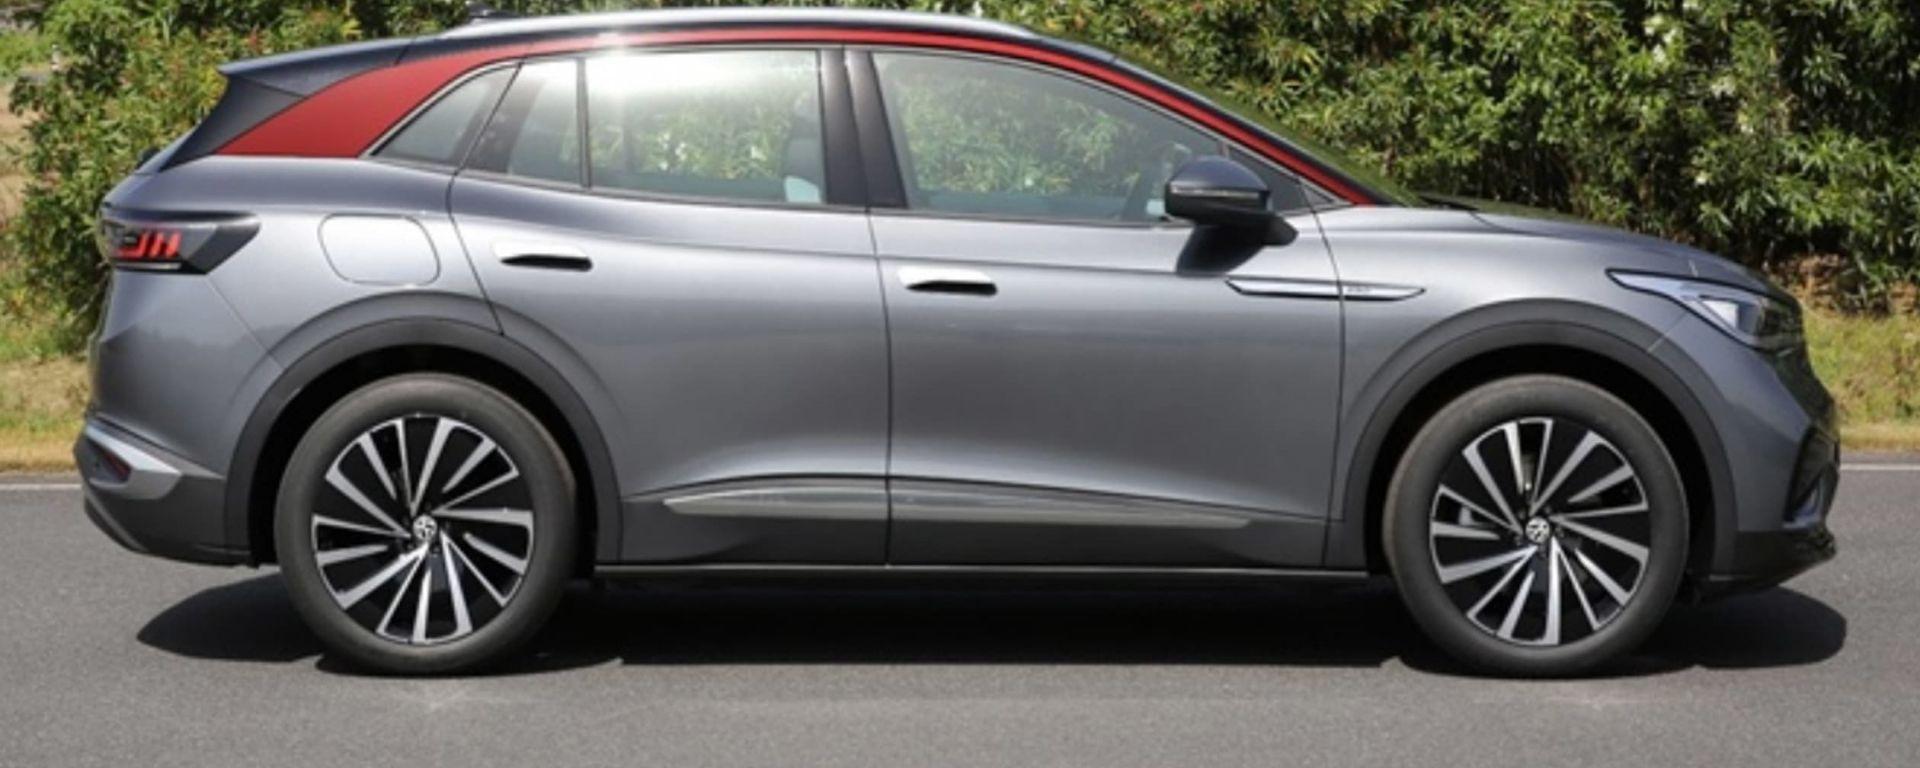 Volkswagen ID.4 2021, verniciatura bicolore